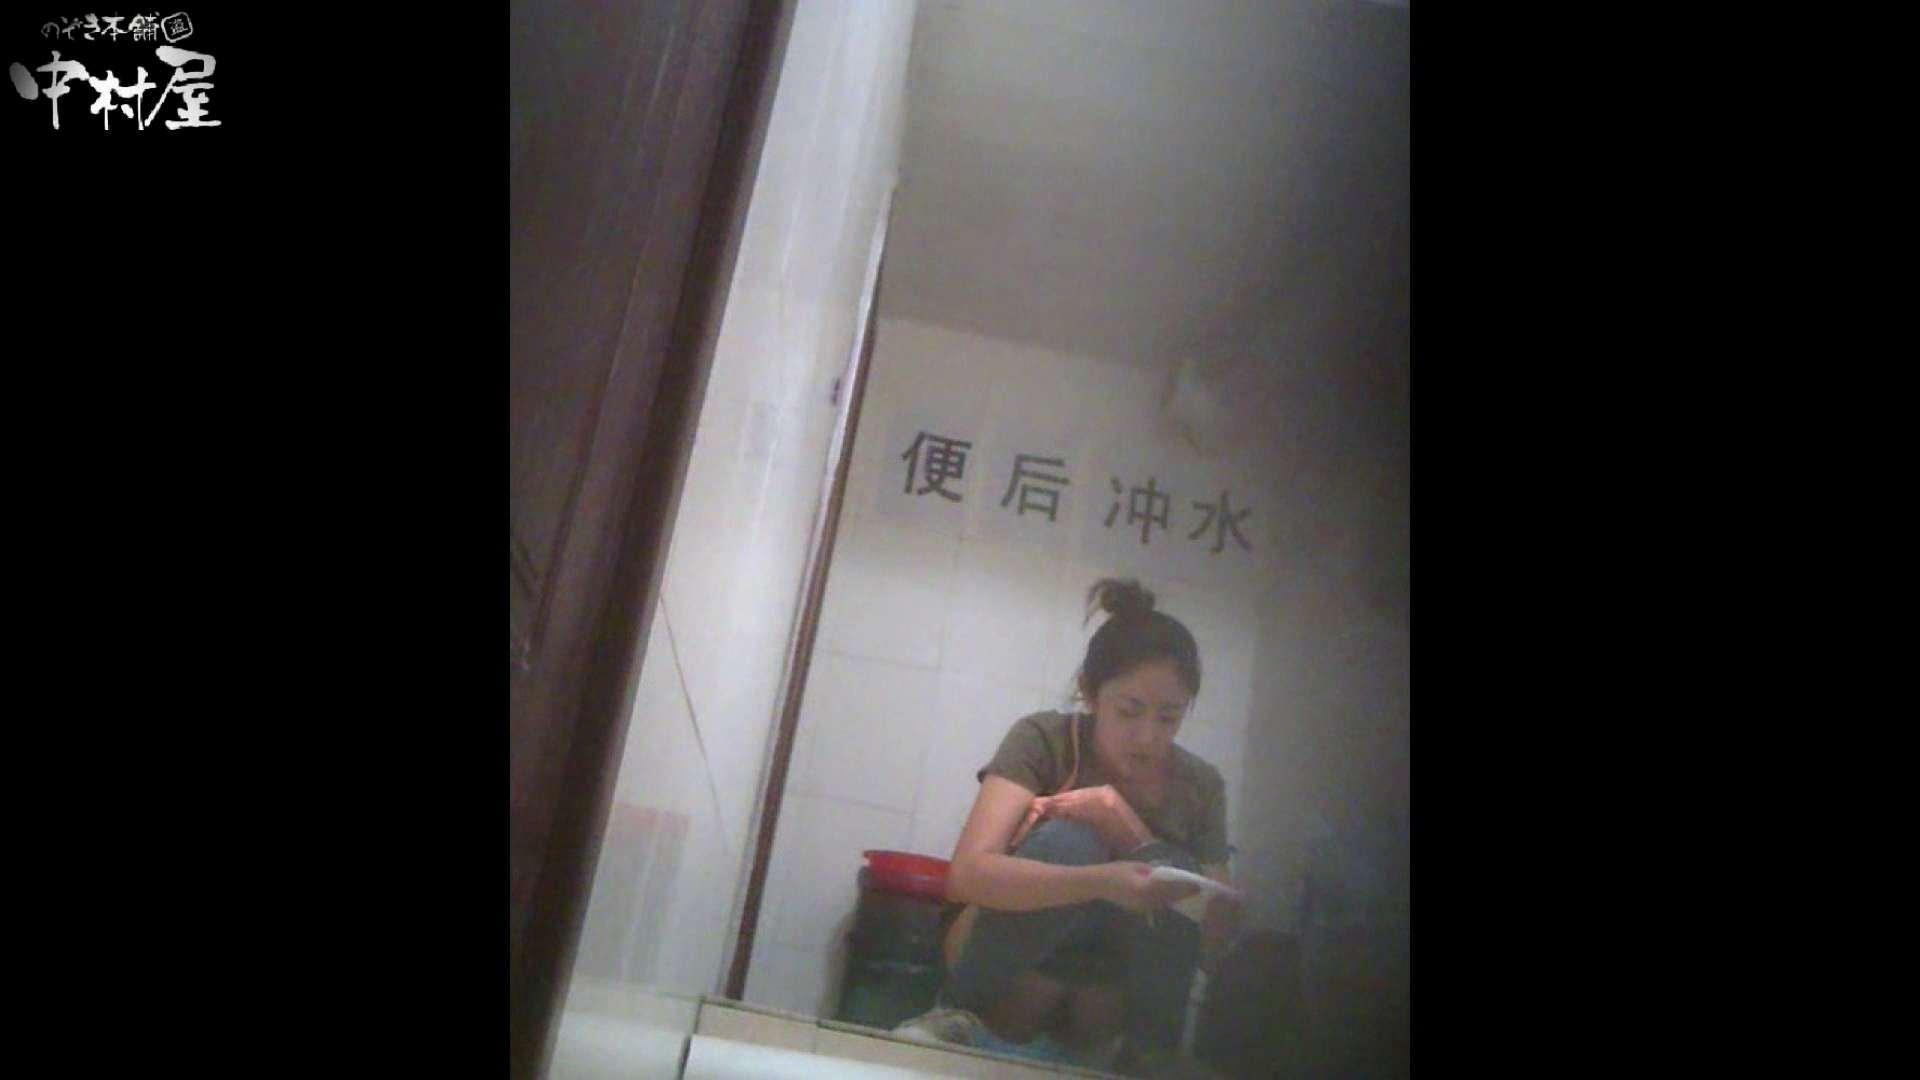 李さんの盗撮日記 Vol.03 女性トイレ アダルト動画キャプチャ 101pic 26